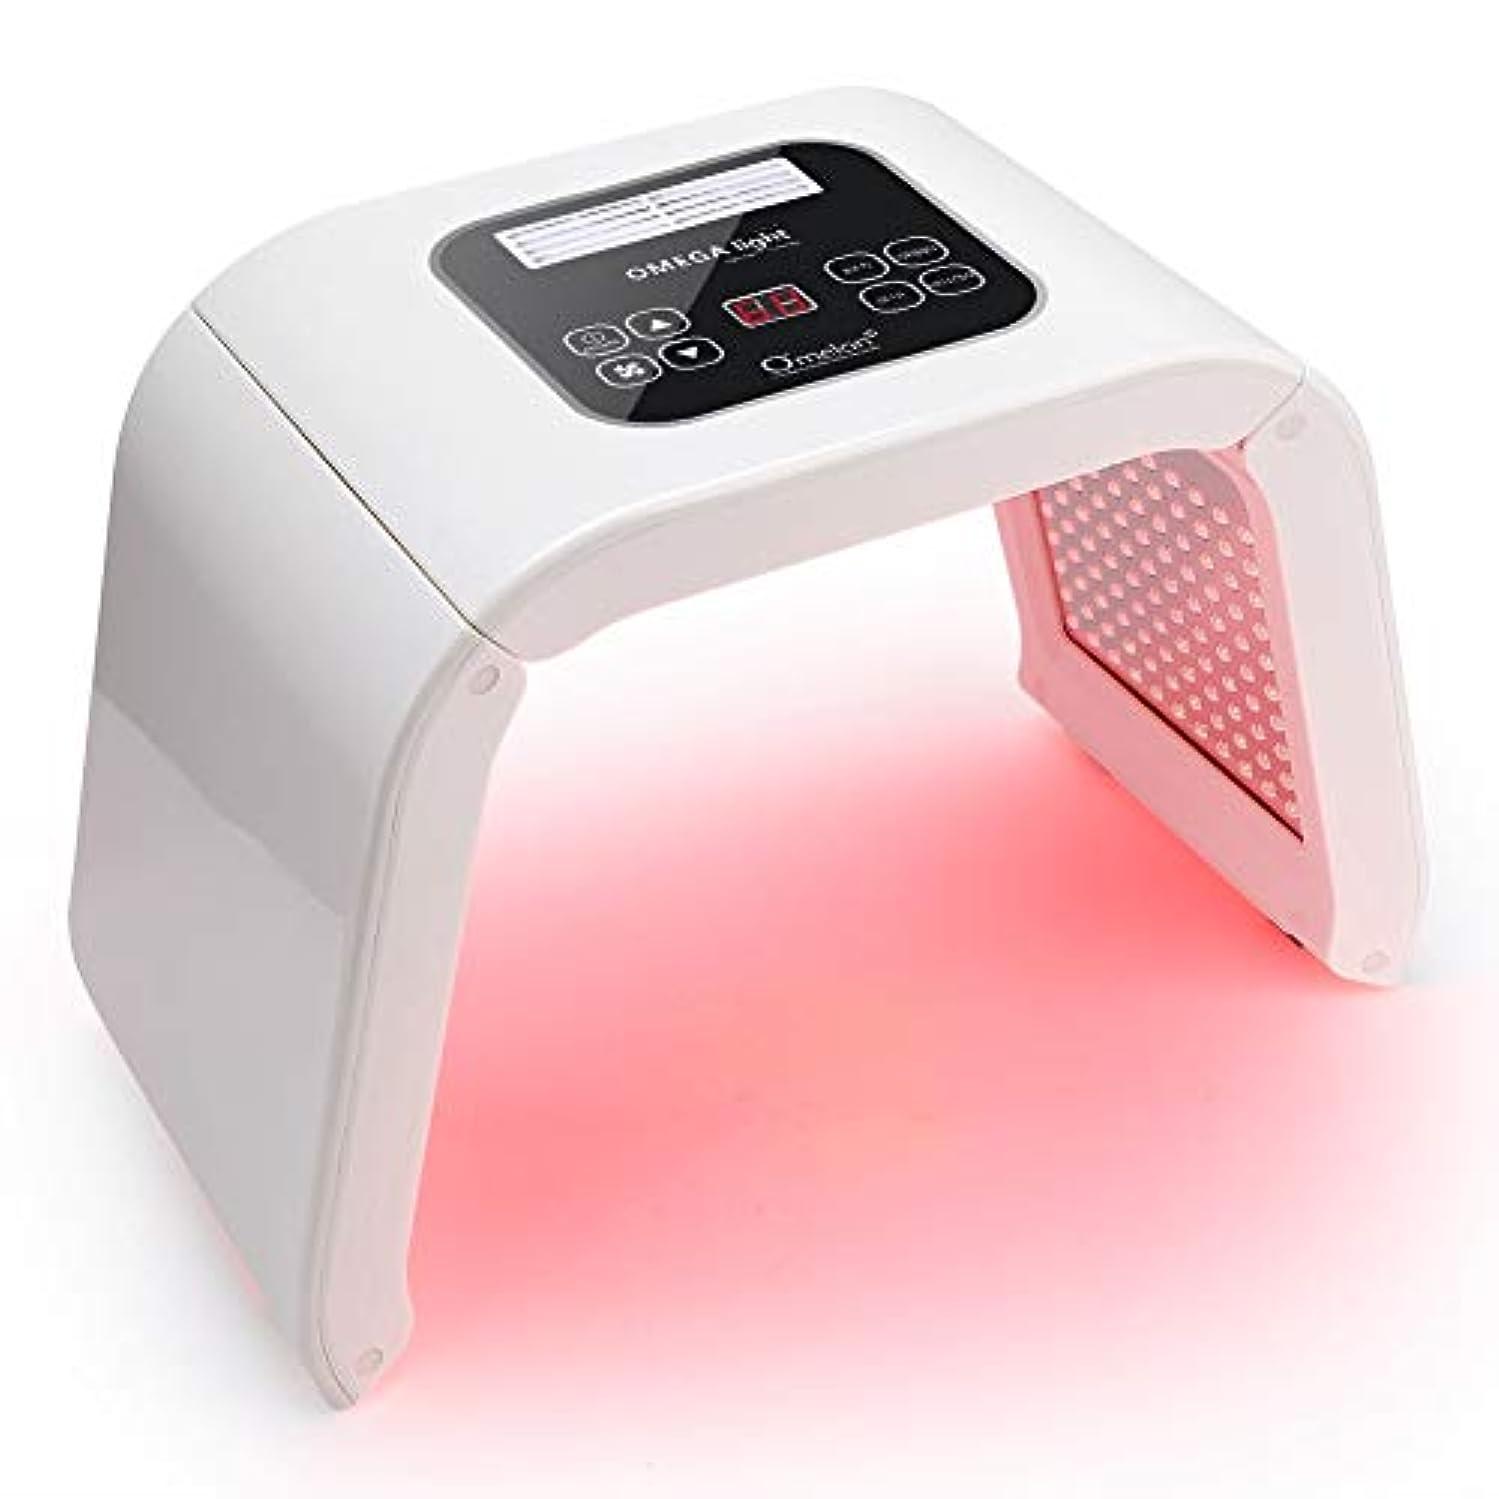 大声で変えるチャンバーにきび治療LEDスキンケアツール、7色PDT LEDライト美容しわ除去フェイスケアマシン改善しわ(US Plug)